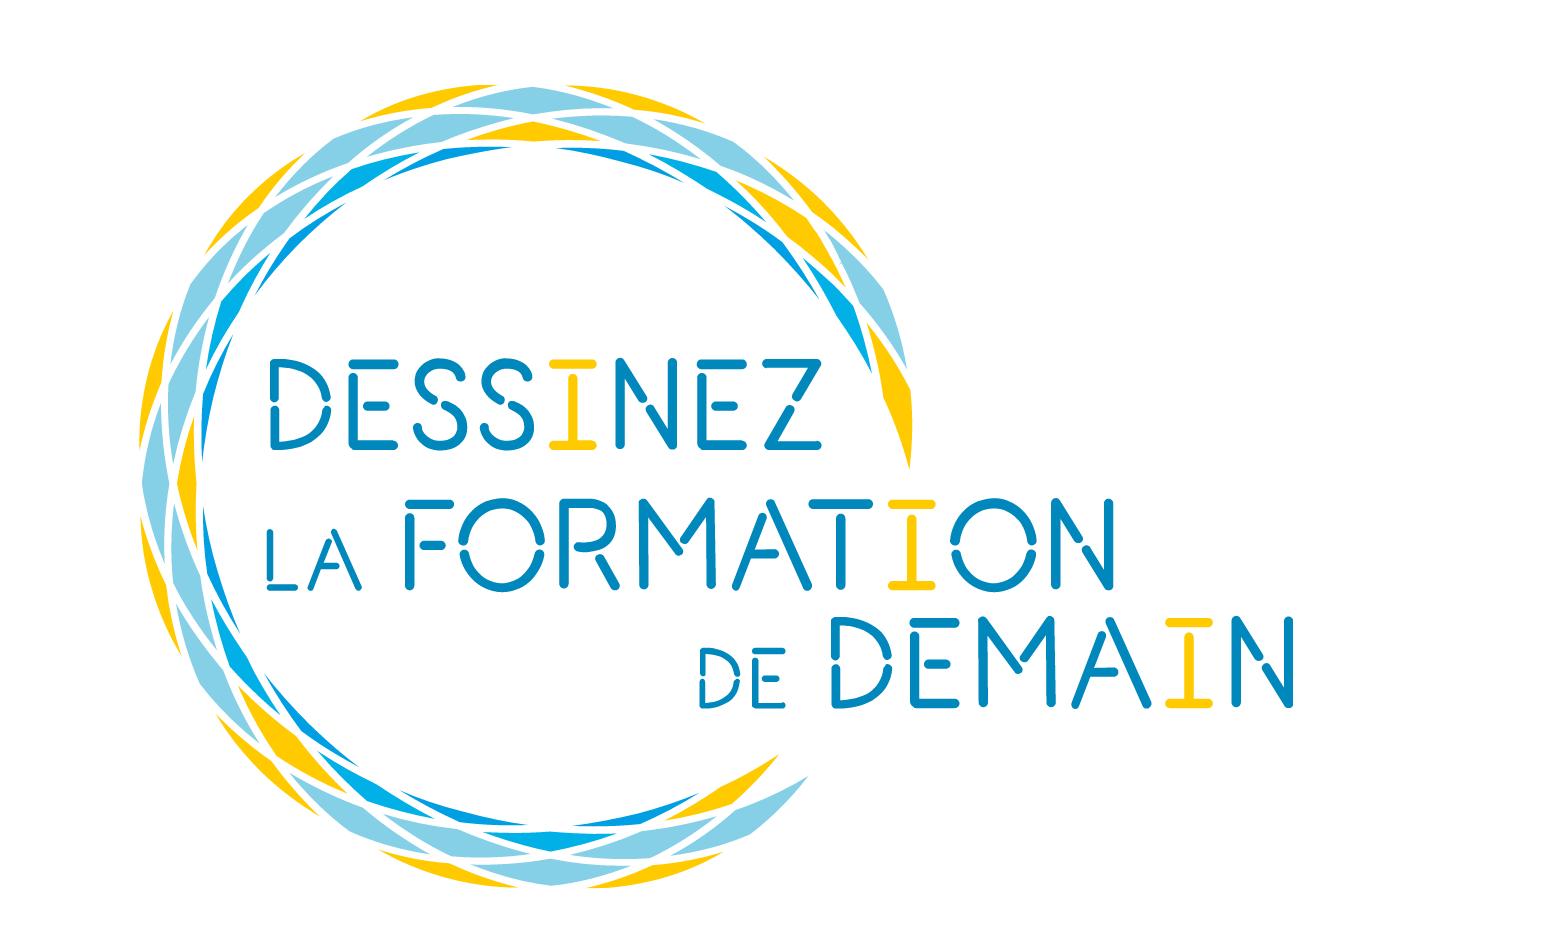 """""""Dessinez la Formation de Demain"""" : La scène de la pédagogie innovante"""